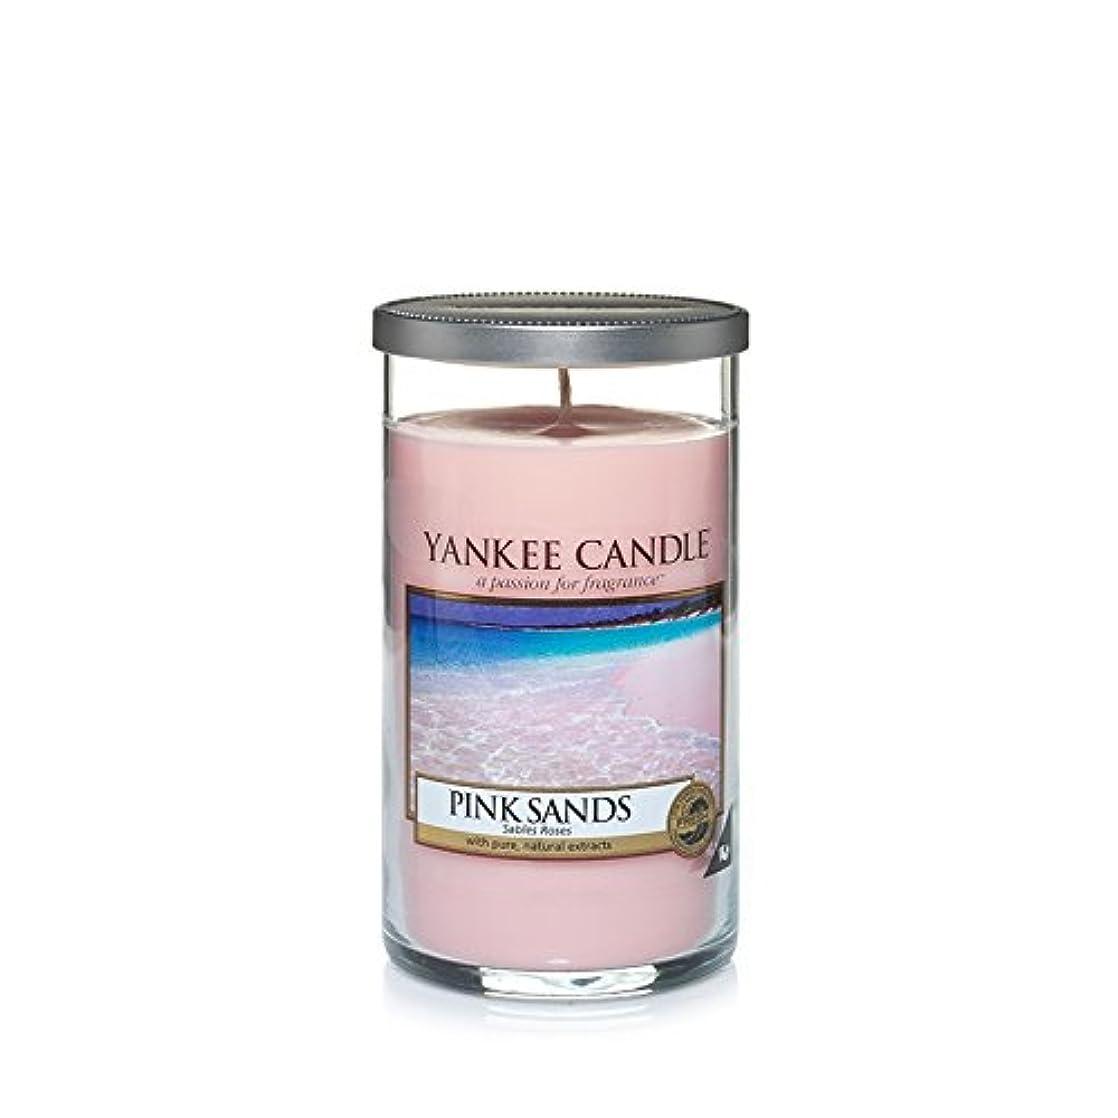 交差点真面目な狂人Yankee Candles Medium Pillar Candle - Pink Sands? (Pack of 2) - ヤンキーキャンドルメディアピラーキャンドル - ピンクの砂? (x2) [並行輸入品]